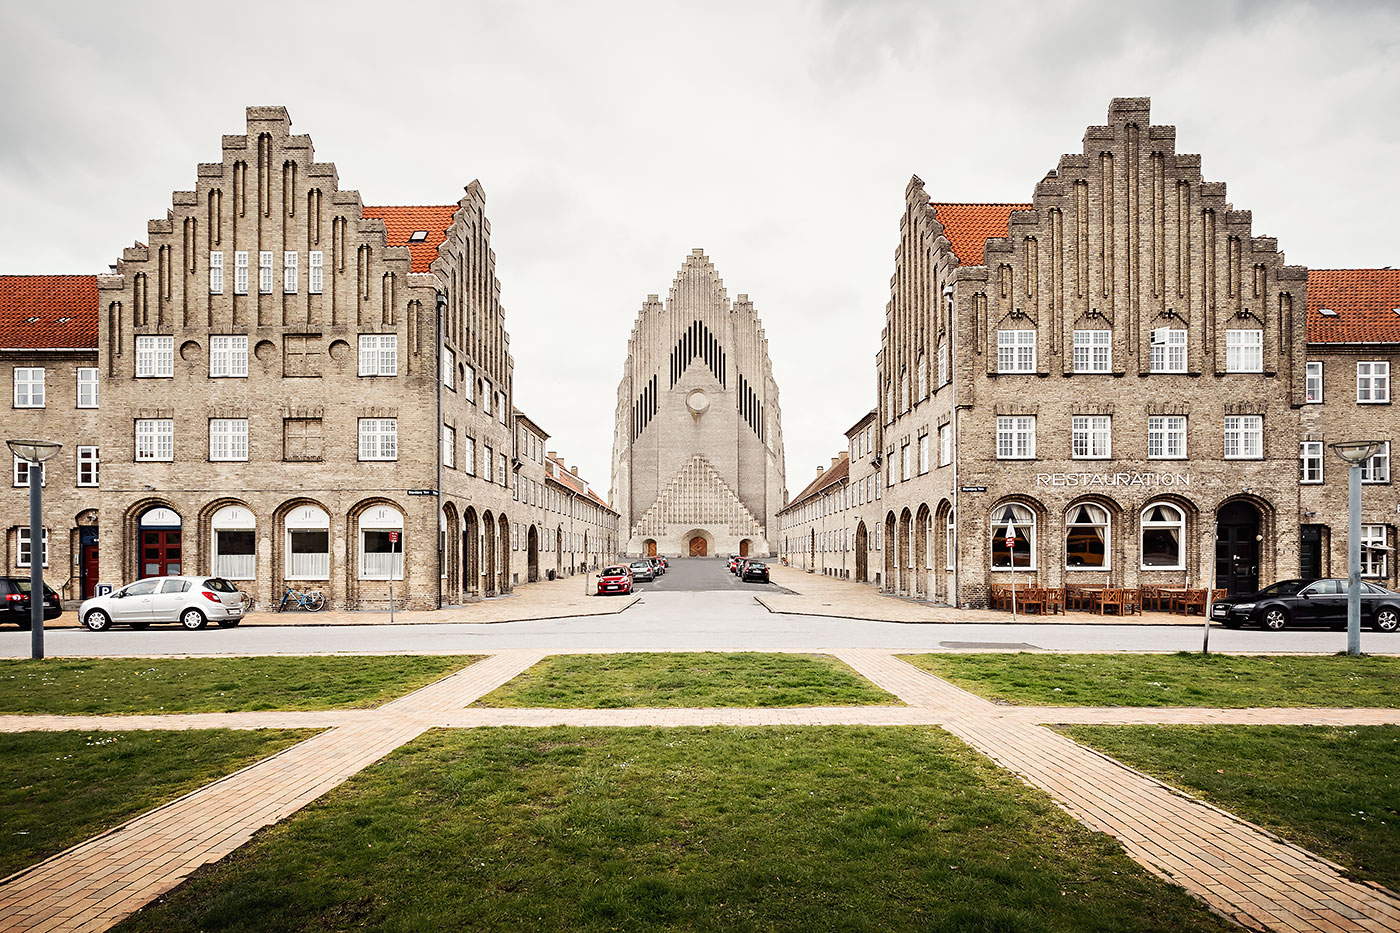 Grundtvigskirche im Kopenhagener Stadtteil Bispebjerg, ein Beispiel expressionistischer Architektur mit neugotischen Elementen